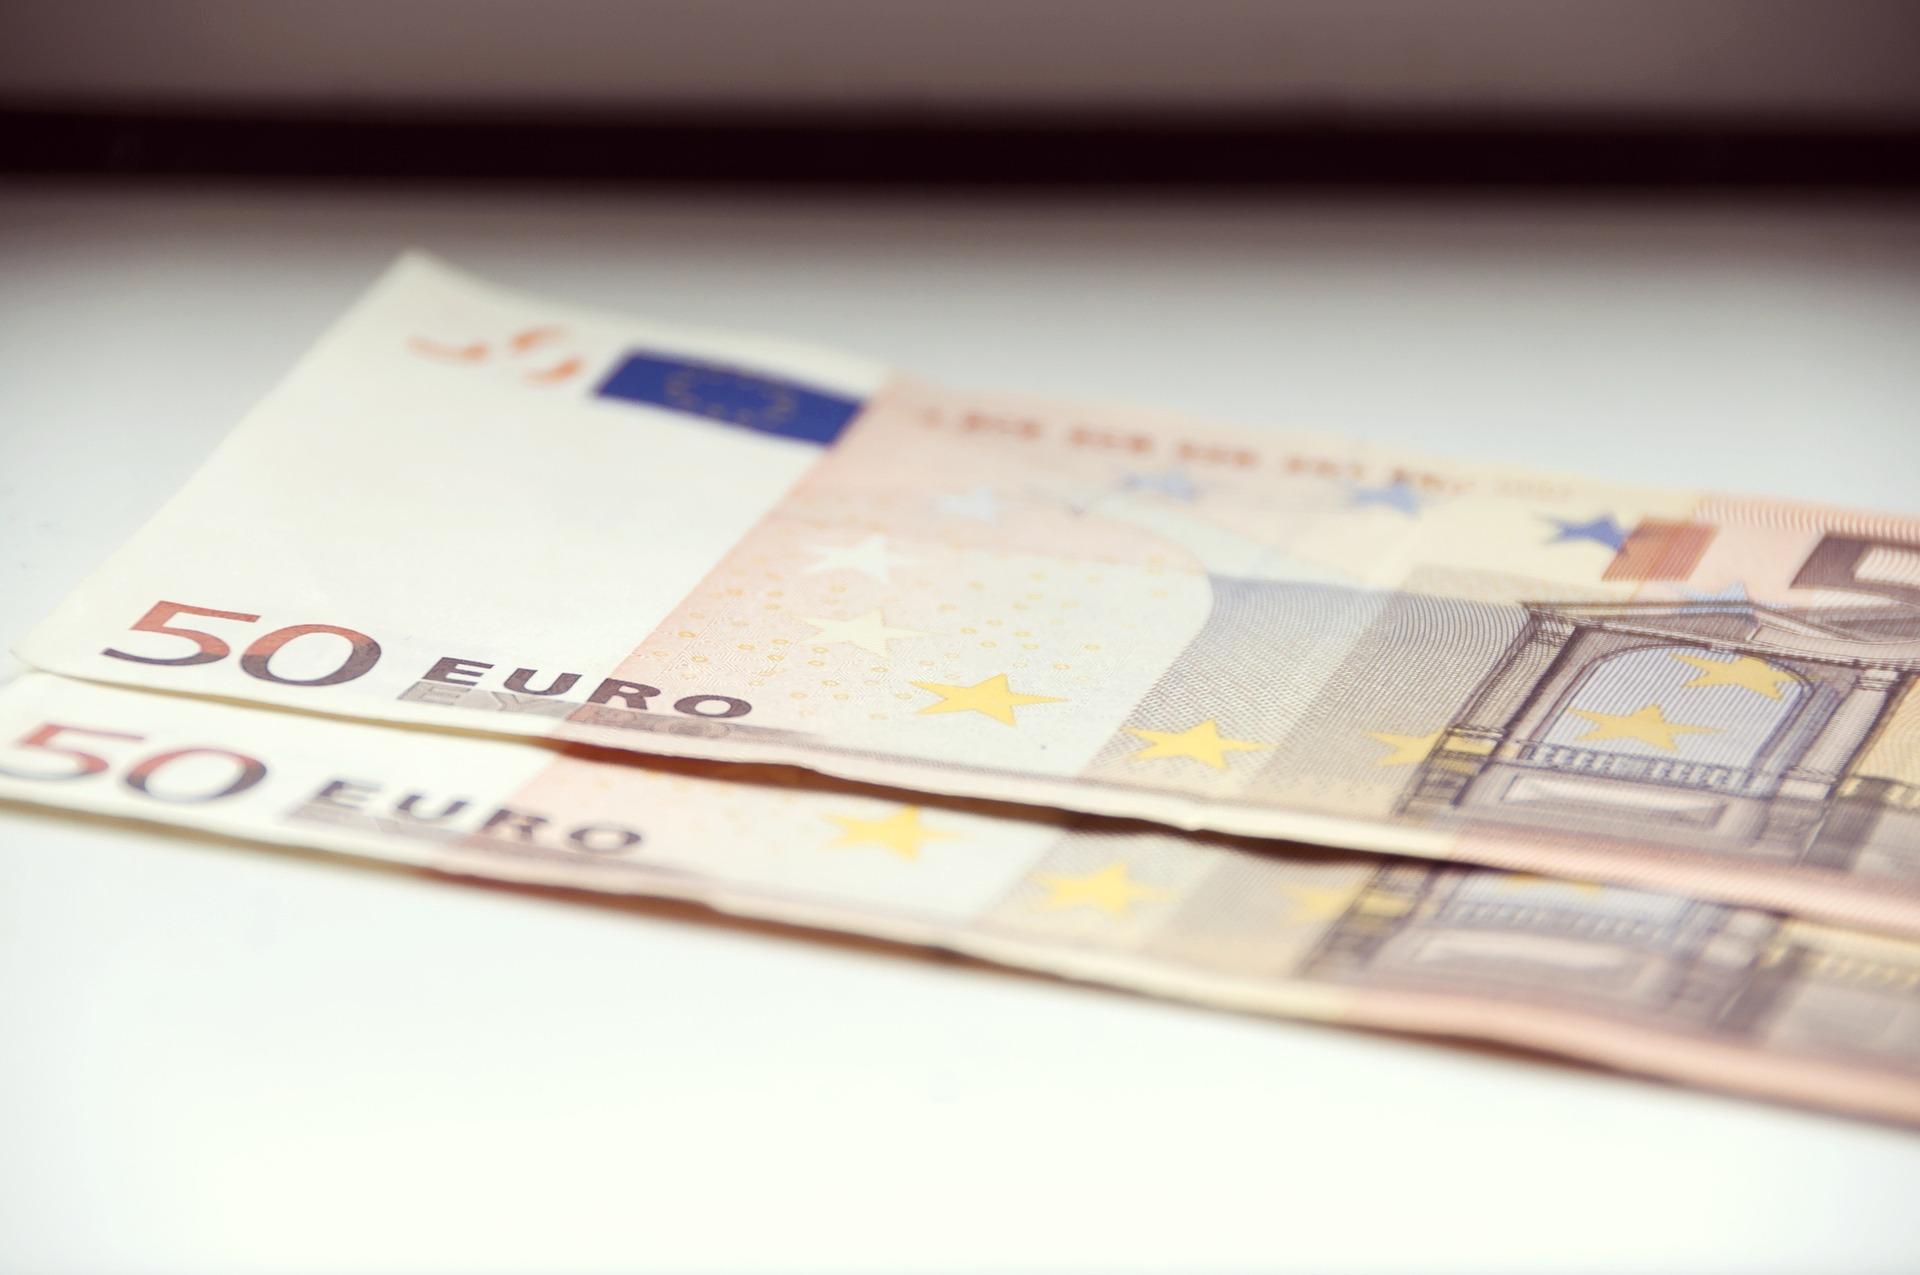 Solicitar un microcrédito es muy sencillo, se puede hacer desde la web.